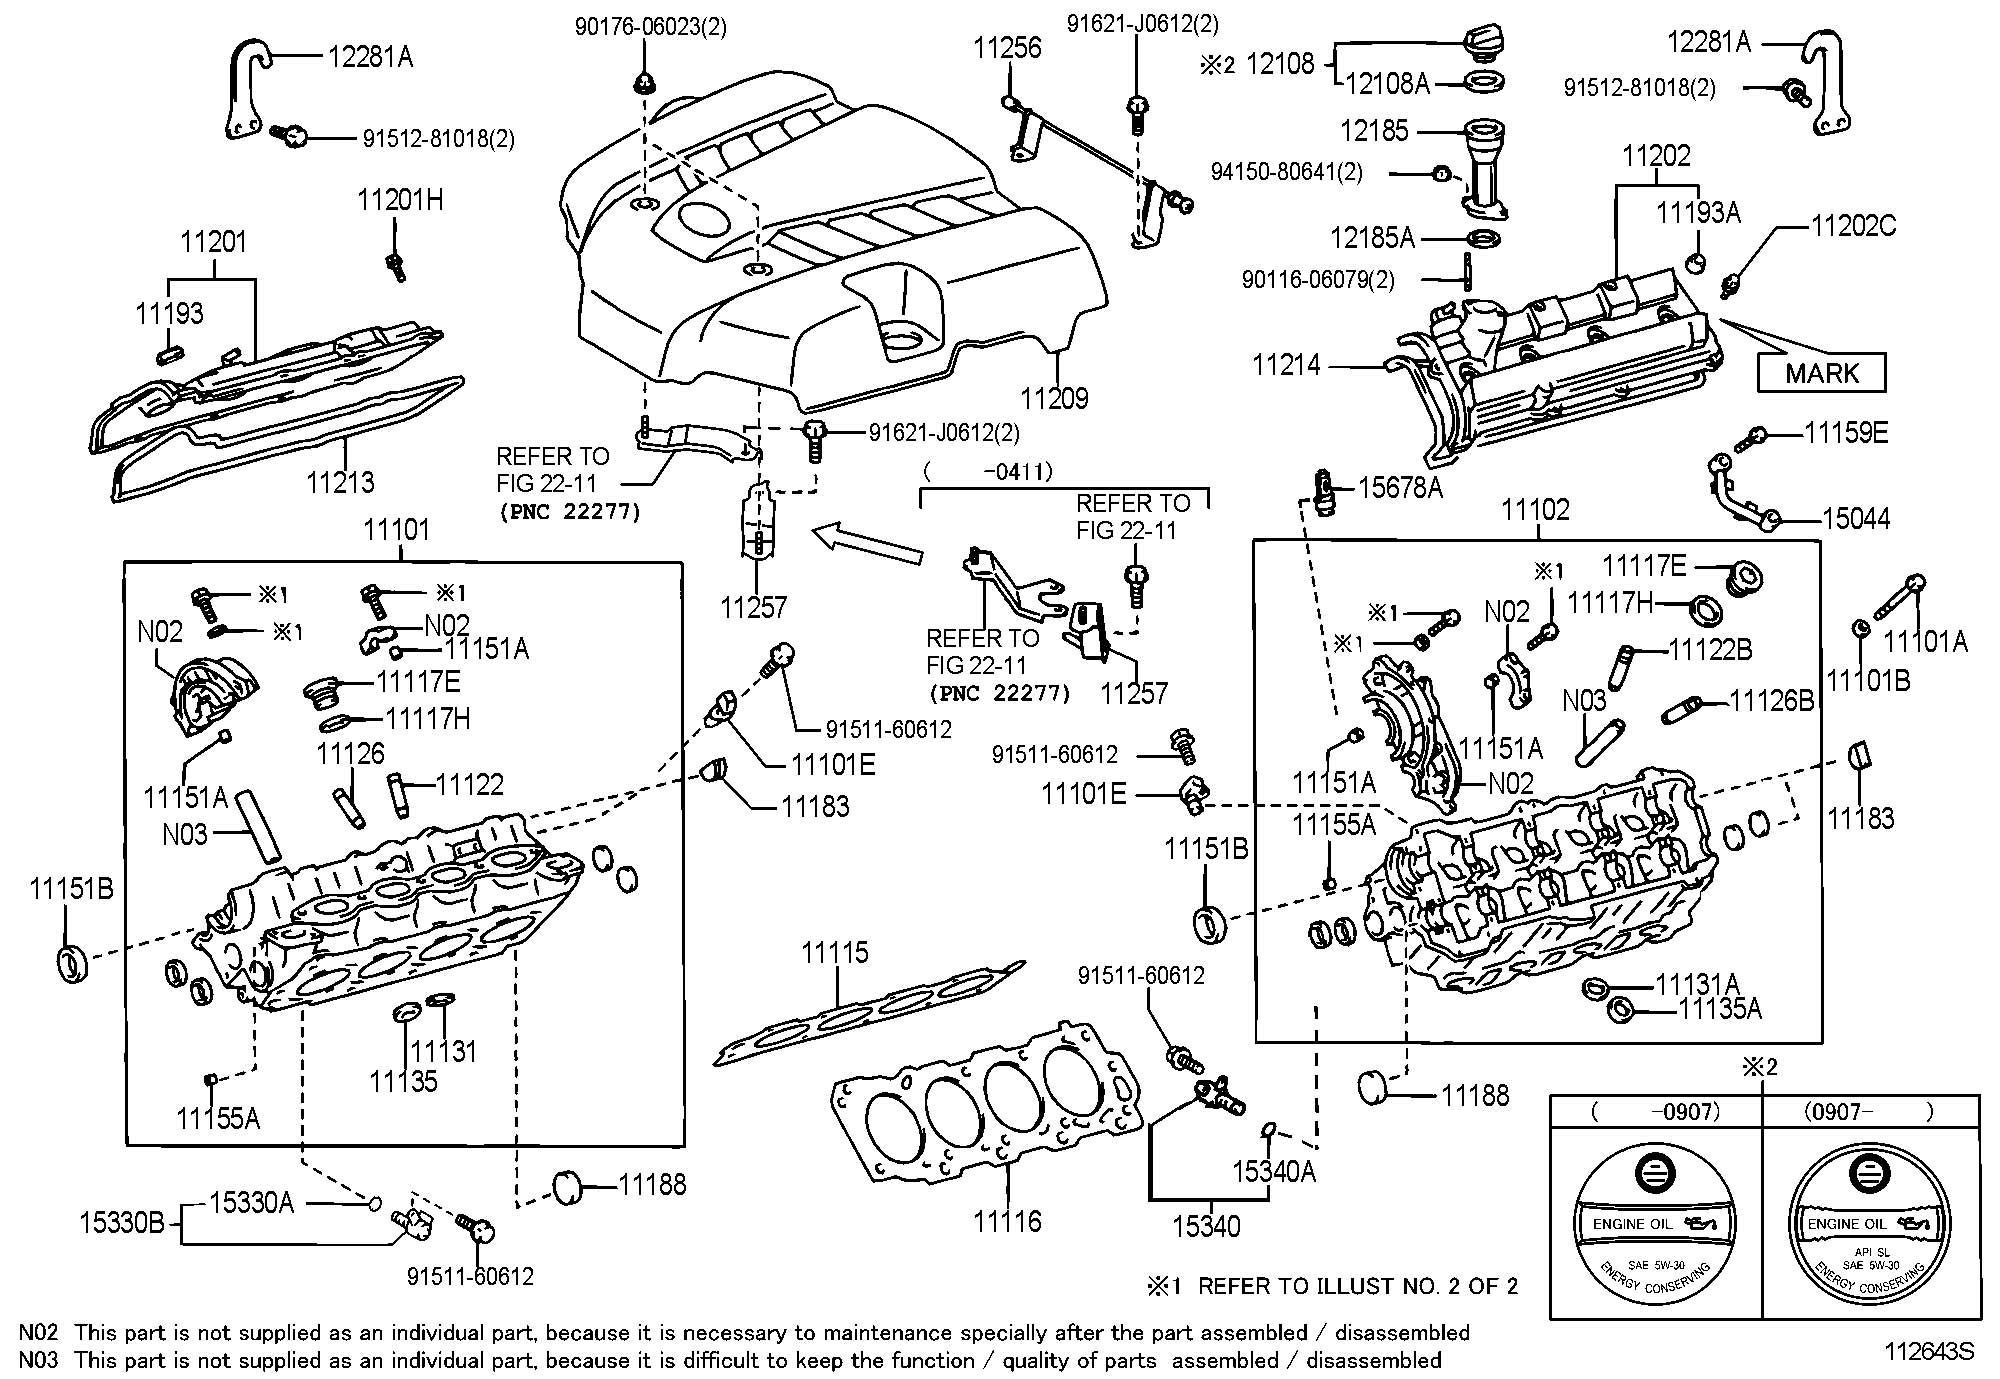 2005 nissan 200sx front car fuse box diagram